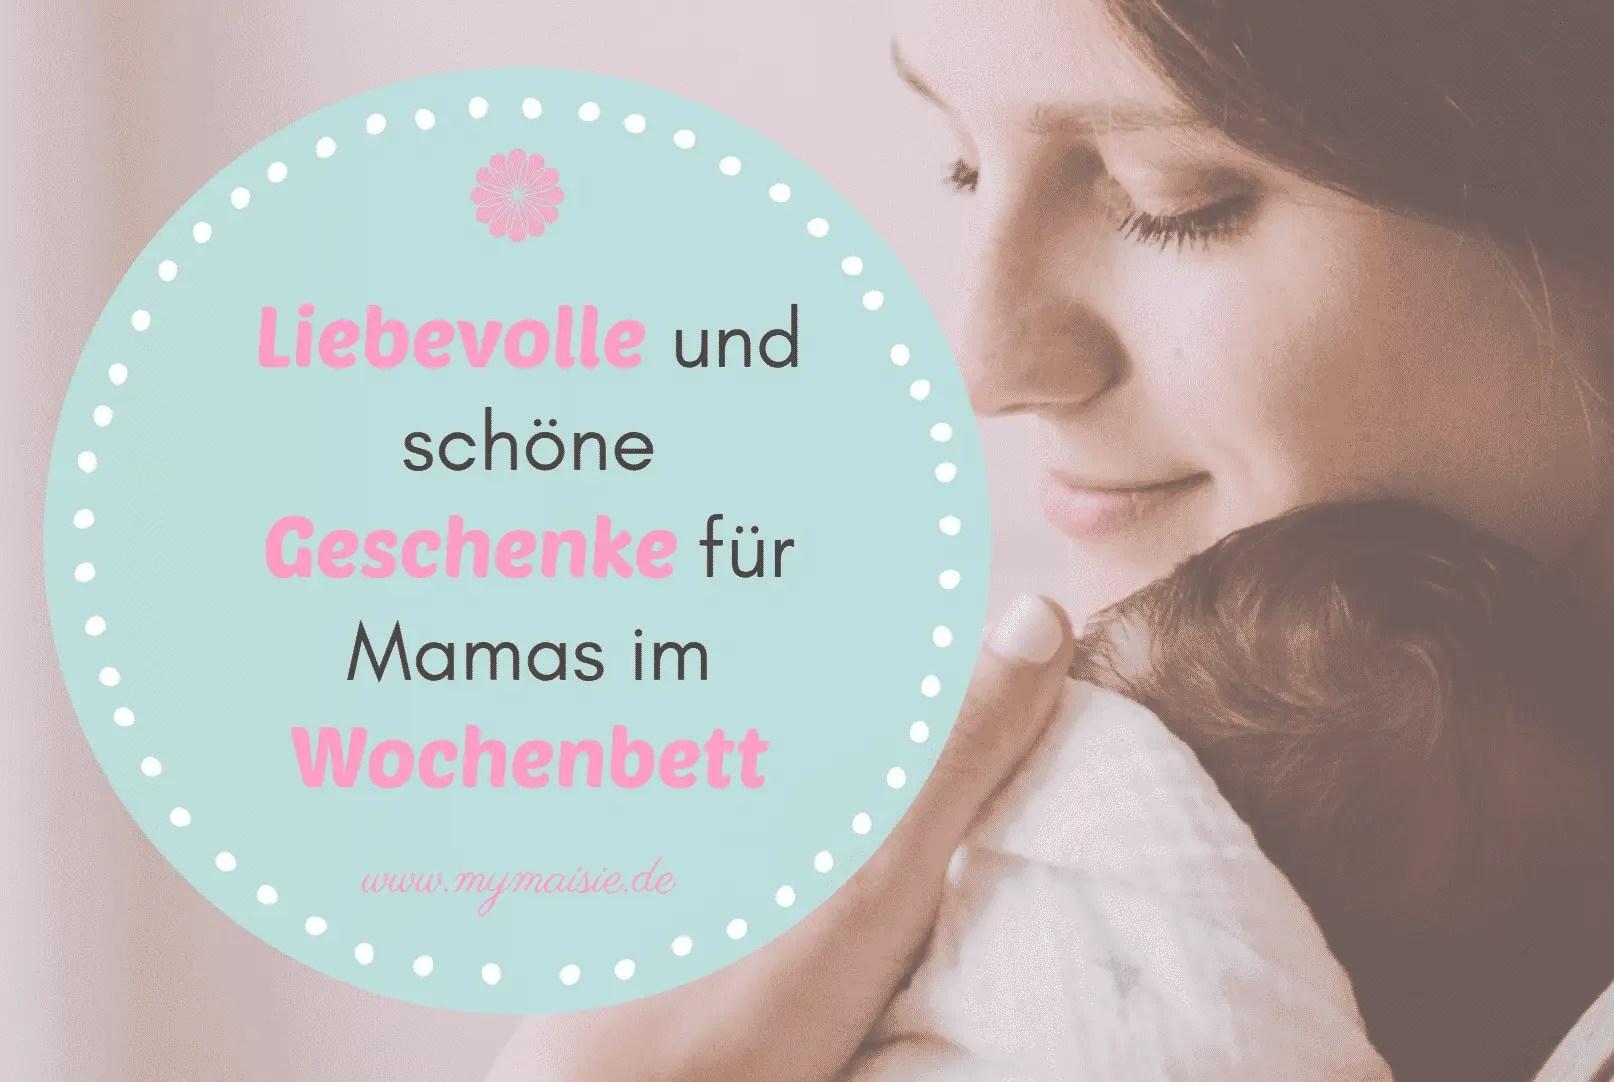 My Maisie Cover Wochenbett Geschenke für Mamas Geschenkidee